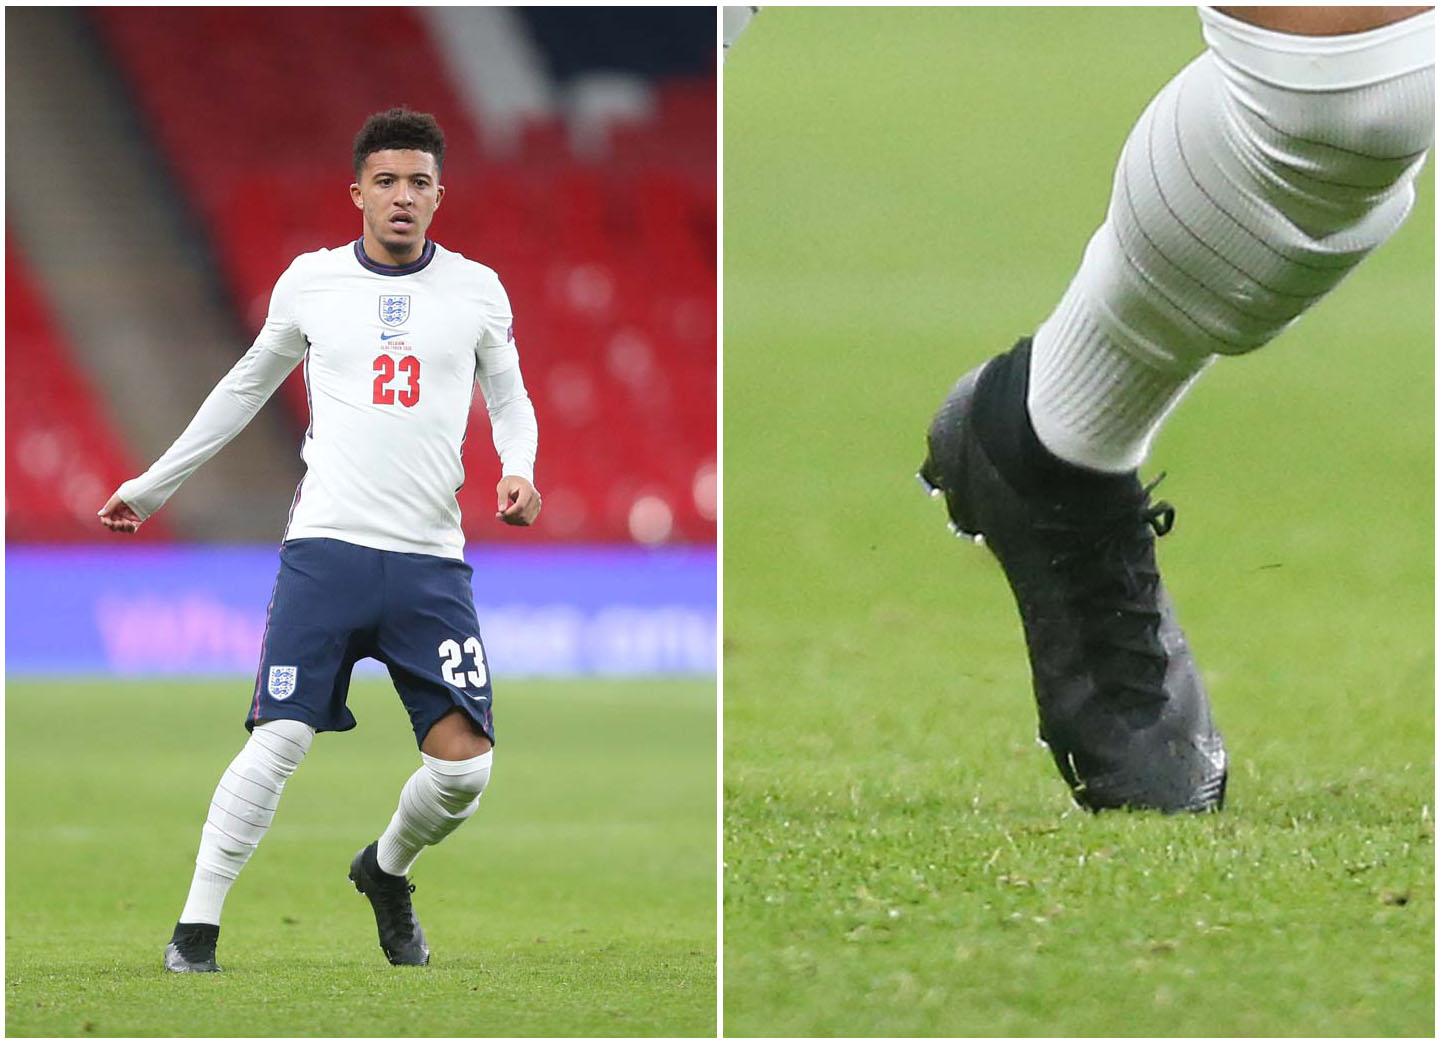 Sancho ra sân trong màu áo đội tuyển Anh với Nike Mercurial Superfly thế hệ mới